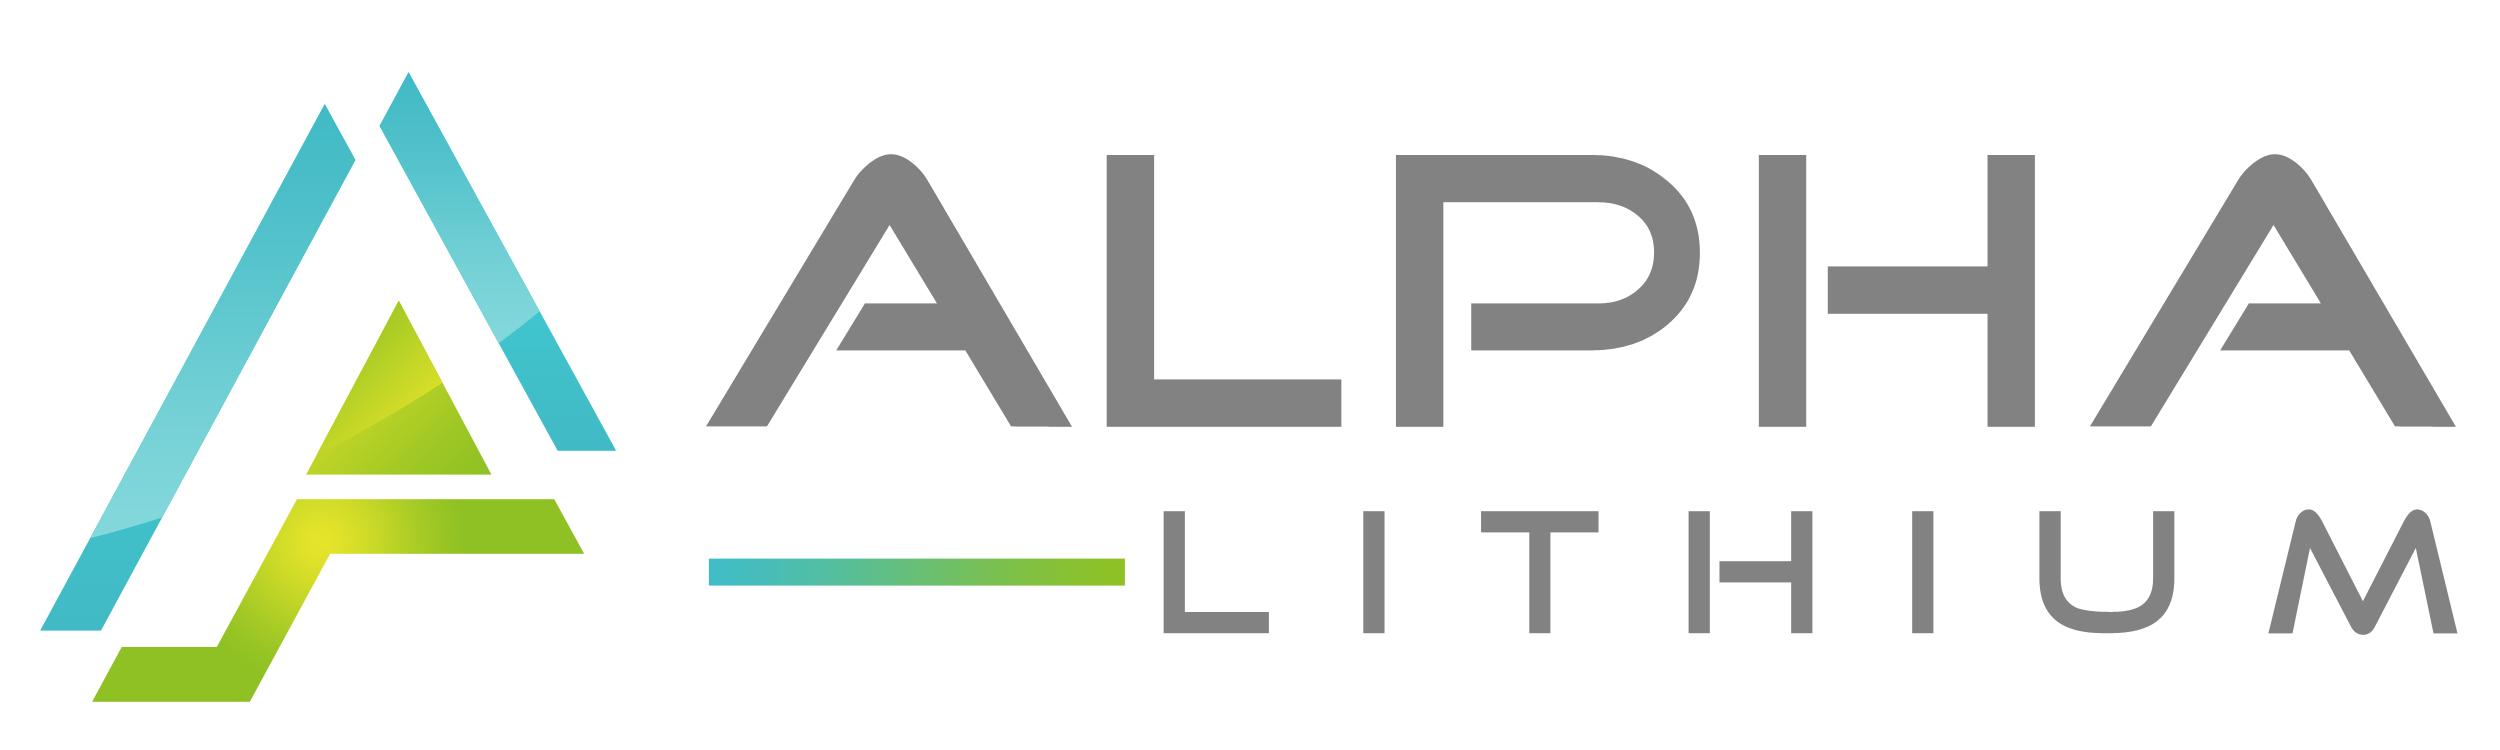 Alpha Lithium Initiates Geophysics Program at Tolillar Lithium Project in Argentina